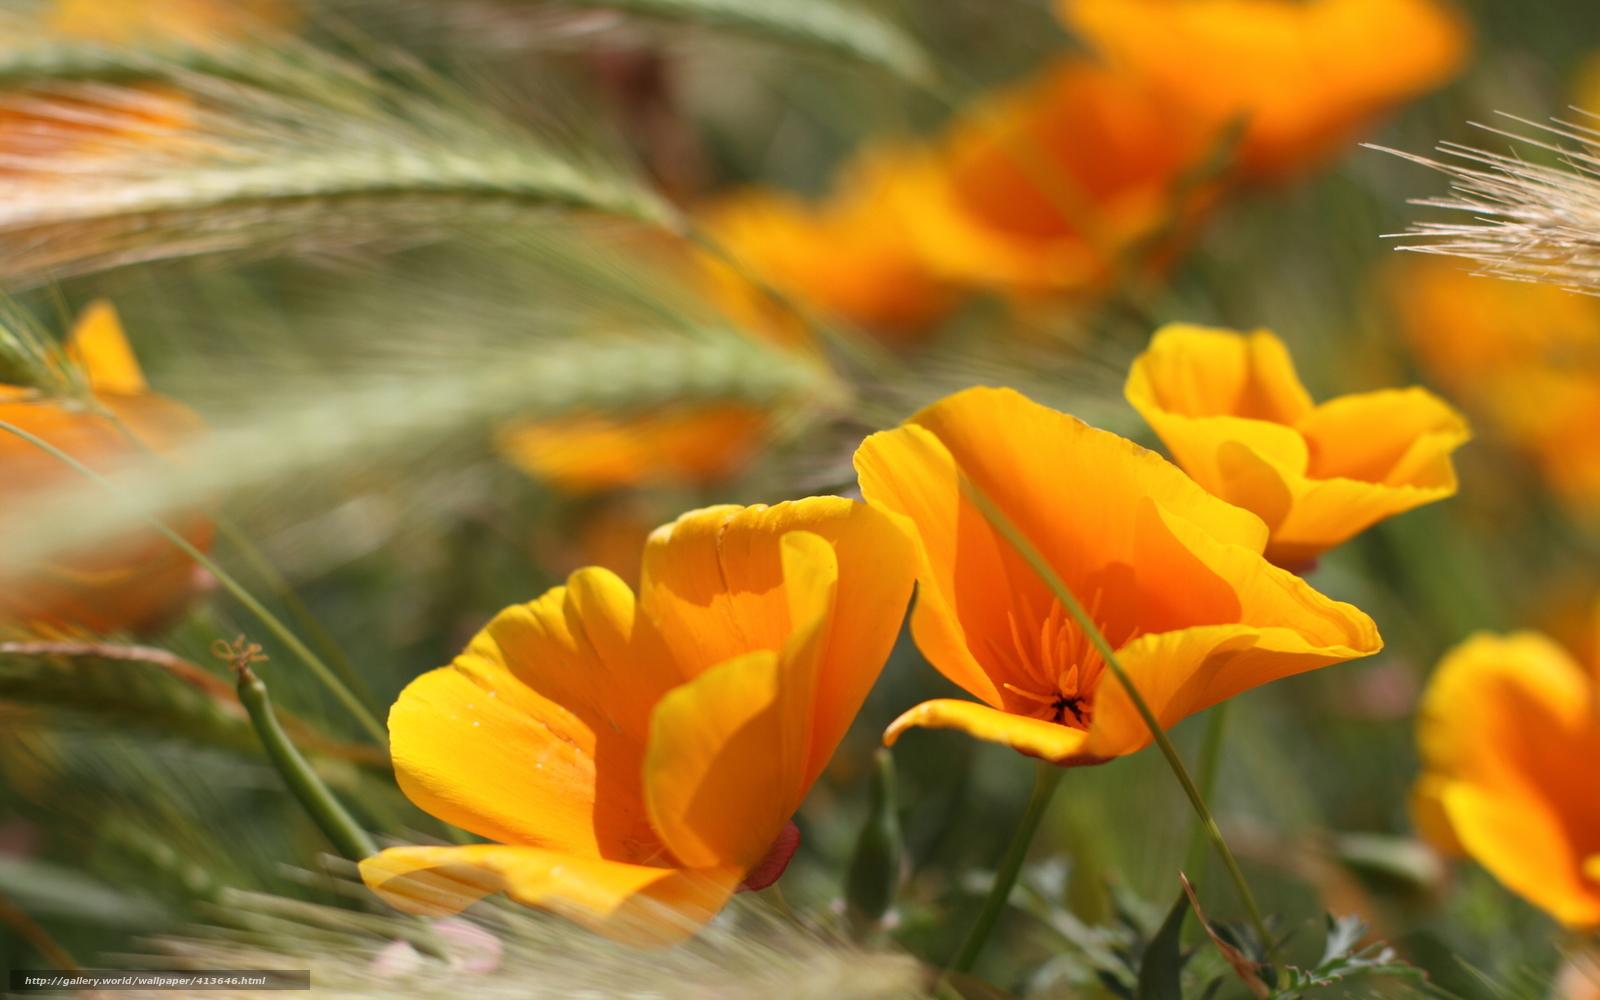 Scaricare Gli Sfondi Estate Fiori Arancione Orecchie Sfondi Gratis